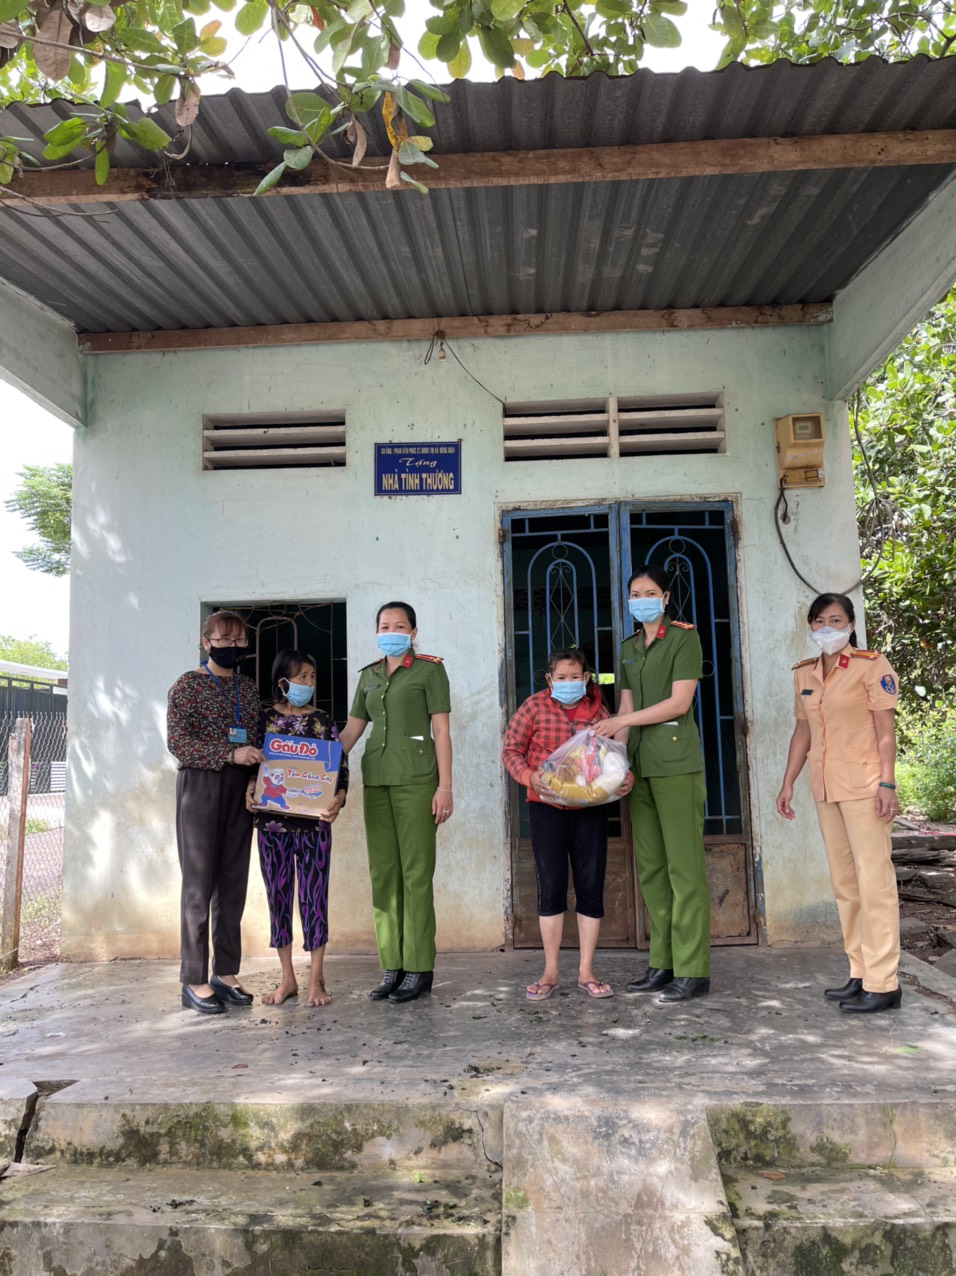 Phụ nữ công an thành phố Đồng Xoài trao 43 phần quà cho phụ nữ khó khăn ảnh hường dịch bệnh Covid-19